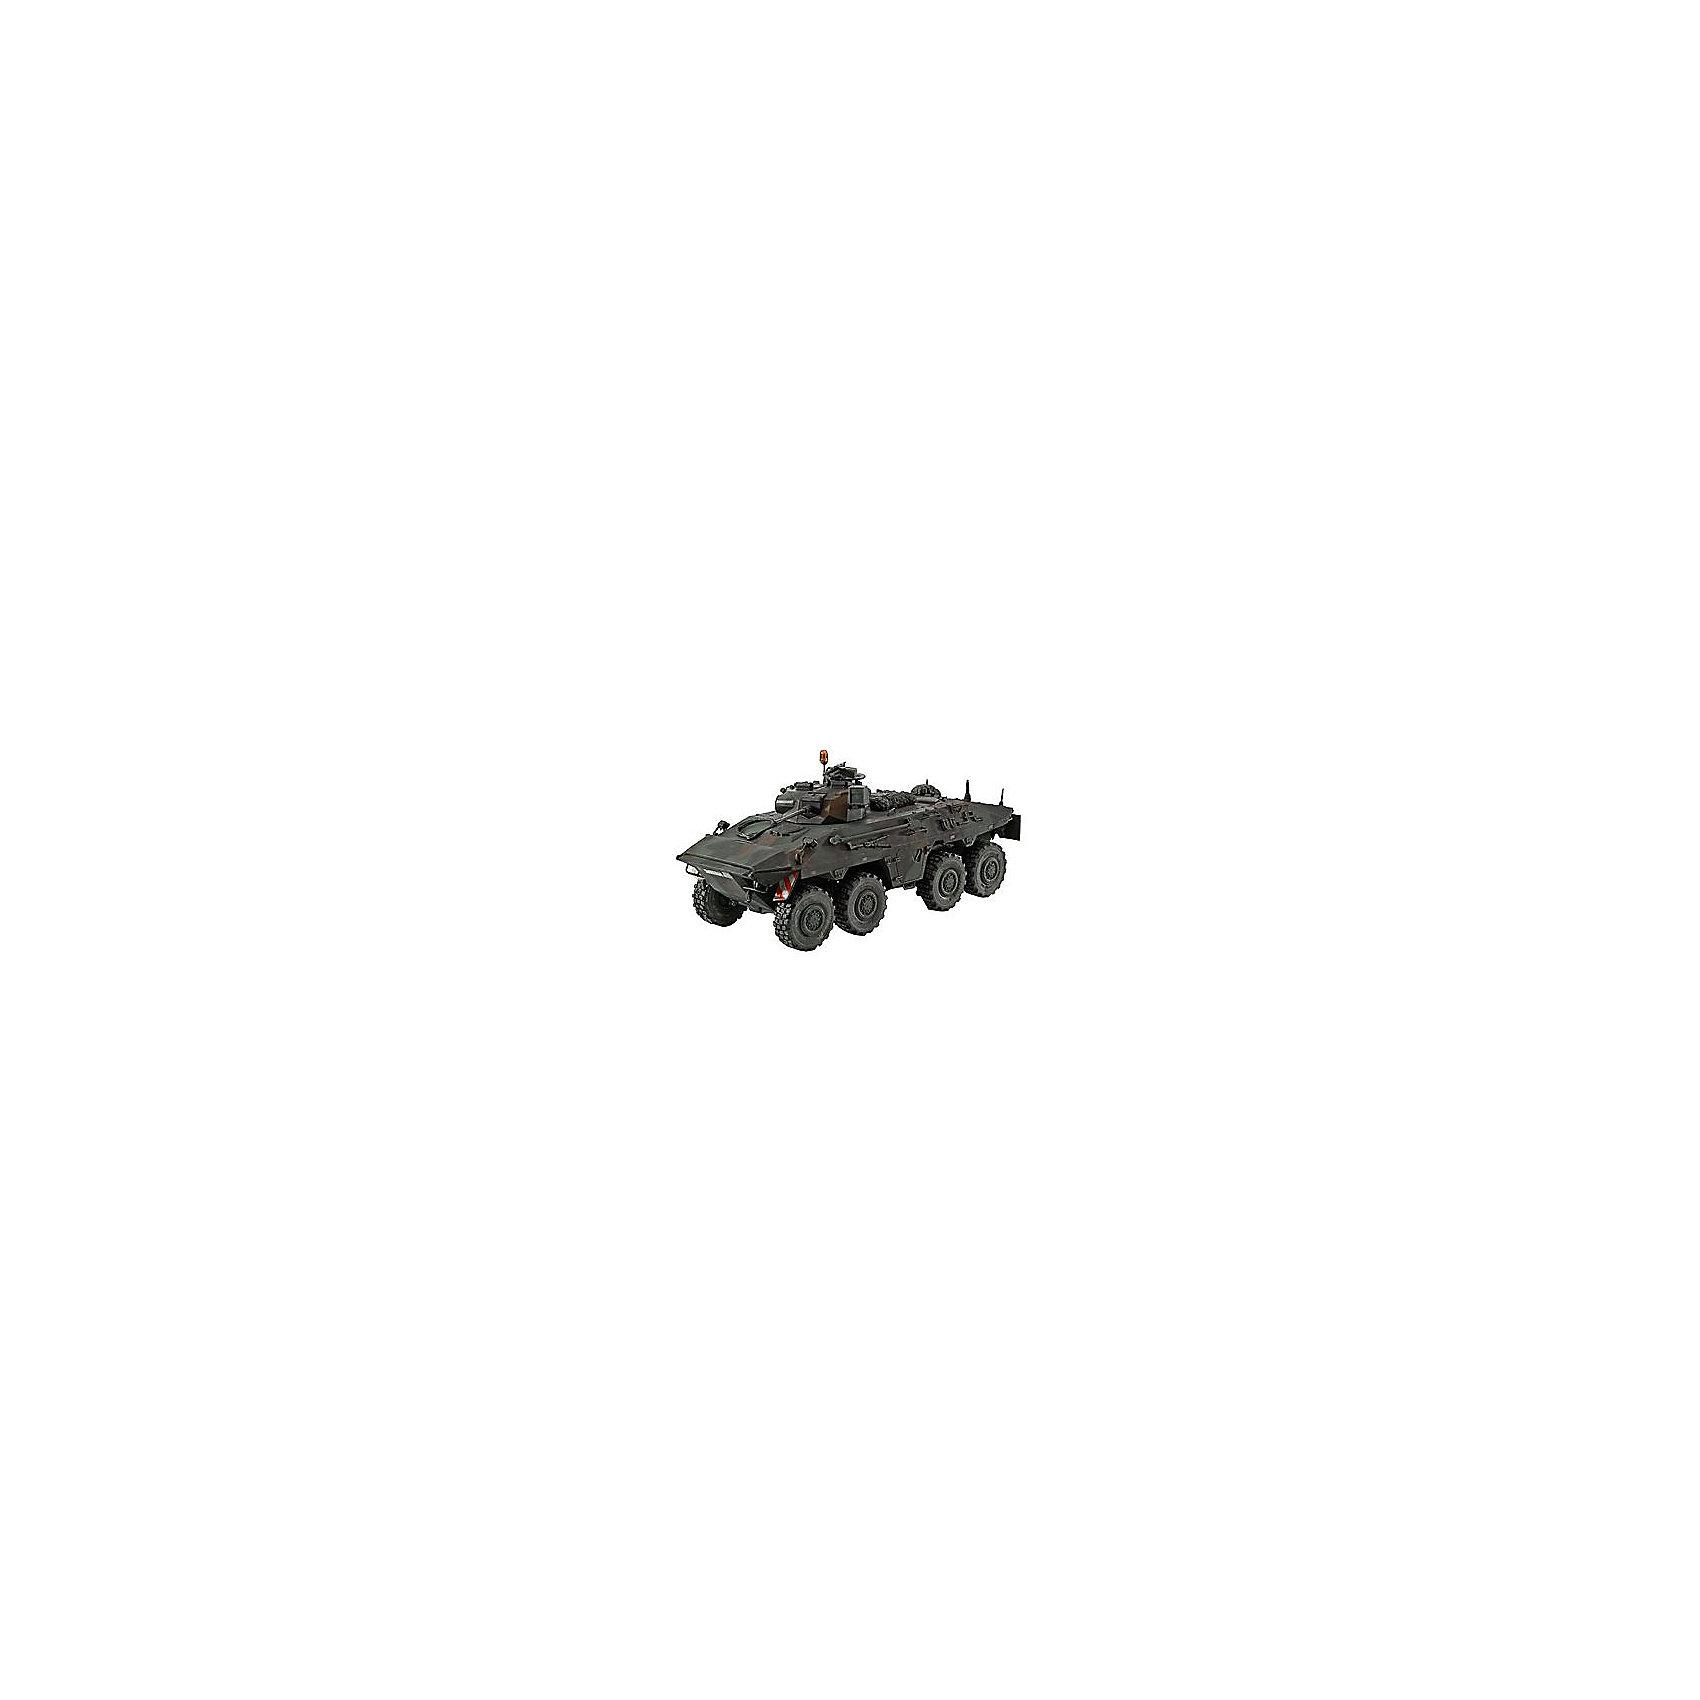 Военная машина Luchs A1/A2Модели для склеивания<br>Характеристики товара:<br><br>• возраст: от 10 лет;<br>• масштаб: 1:35;<br>• количество деталей: 224 шт;<br>• материал: пластик; <br>• клей и краски в комплект не входят;<br>• длина модели: 21,8 см;<br>• бренд, страна бренда: Revell (Ревел), Германия;<br>• страна-изготовитель: Польша.<br><br>Сборная модель «Военная машина Luchs A1/A2» поможет вам и вашему ребенку собрать точную копию танка, выполненную в масштабе 1:35 из высококачественного пластика.<br><br>Танк-амфибия SpPz 2 Luchs A1/A2 производства Thyssen-Henschel создается с 1975 года. За все время было выпущено 408 подобных военных машин.<br><br>В комплект набора для склеивания и раскрашивания входит 224 пластиковых деталей, а также подробная иллюстрирована инструкция. Обращаем ваше внимание на тот факт, что для сборки этой модели клей и краски в комплект не входят. <br><br>Моделирование — это очень увлекательное и полезное занятие, которое по достоинству оценят не только дети, но и взрослые, увлекающиеся военной техникой. Сборка моделей поможет ребенку развить воображение, мелкую моторику ручек и логическое мышление.<br><br>Сборную модель «Военная машина Luchs A1/A2», 224 дет., Revell (Ревел) можно купить в нашем интернет-магазине.<br><br>Ширина мм: 238<br>Глубина мм: 59<br>Высота мм: 368<br>Вес г: 375<br>Возраст от месяцев: 72<br>Возраст до месяцев: 1164<br>Пол: Мужской<br>Возраст: Детский<br>SKU: 1696189